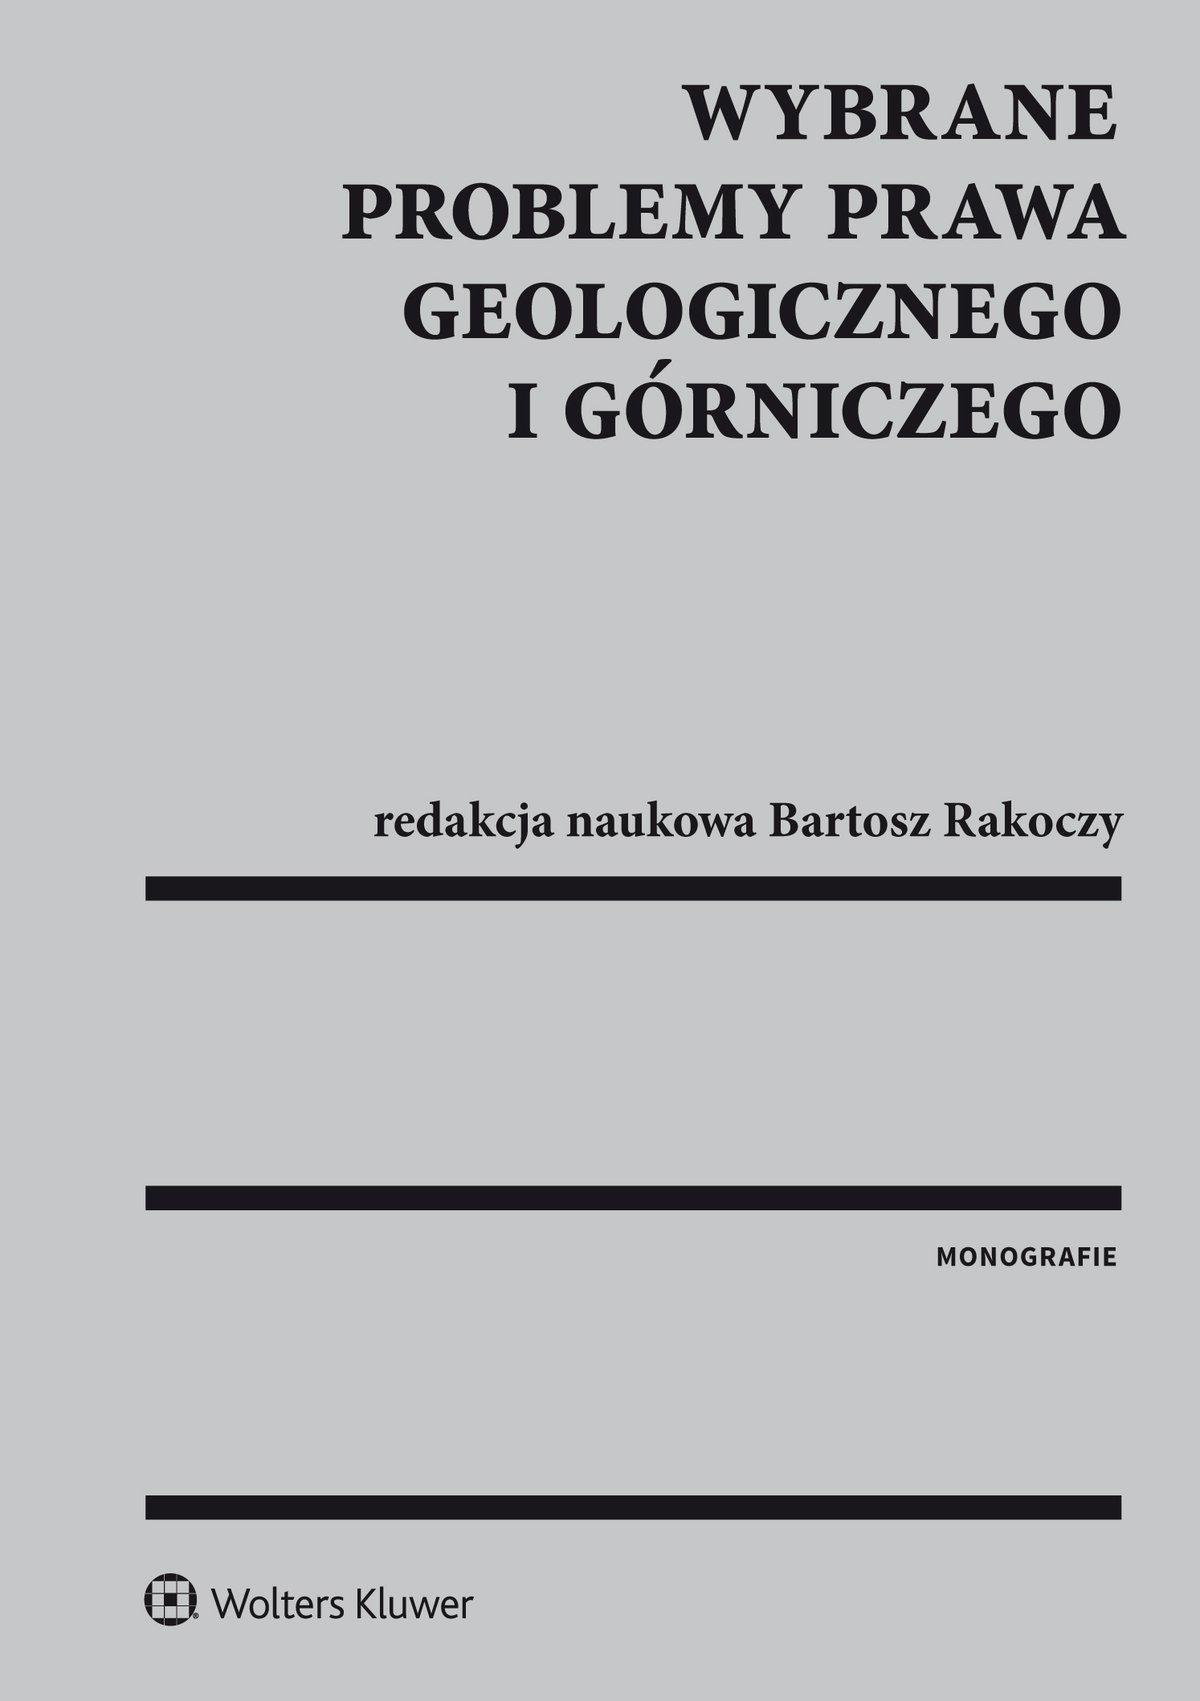 Wybrane problemy prawa geologicznego i górniczego - Ebook (Książka EPUB) do pobrania w formacie EPUB